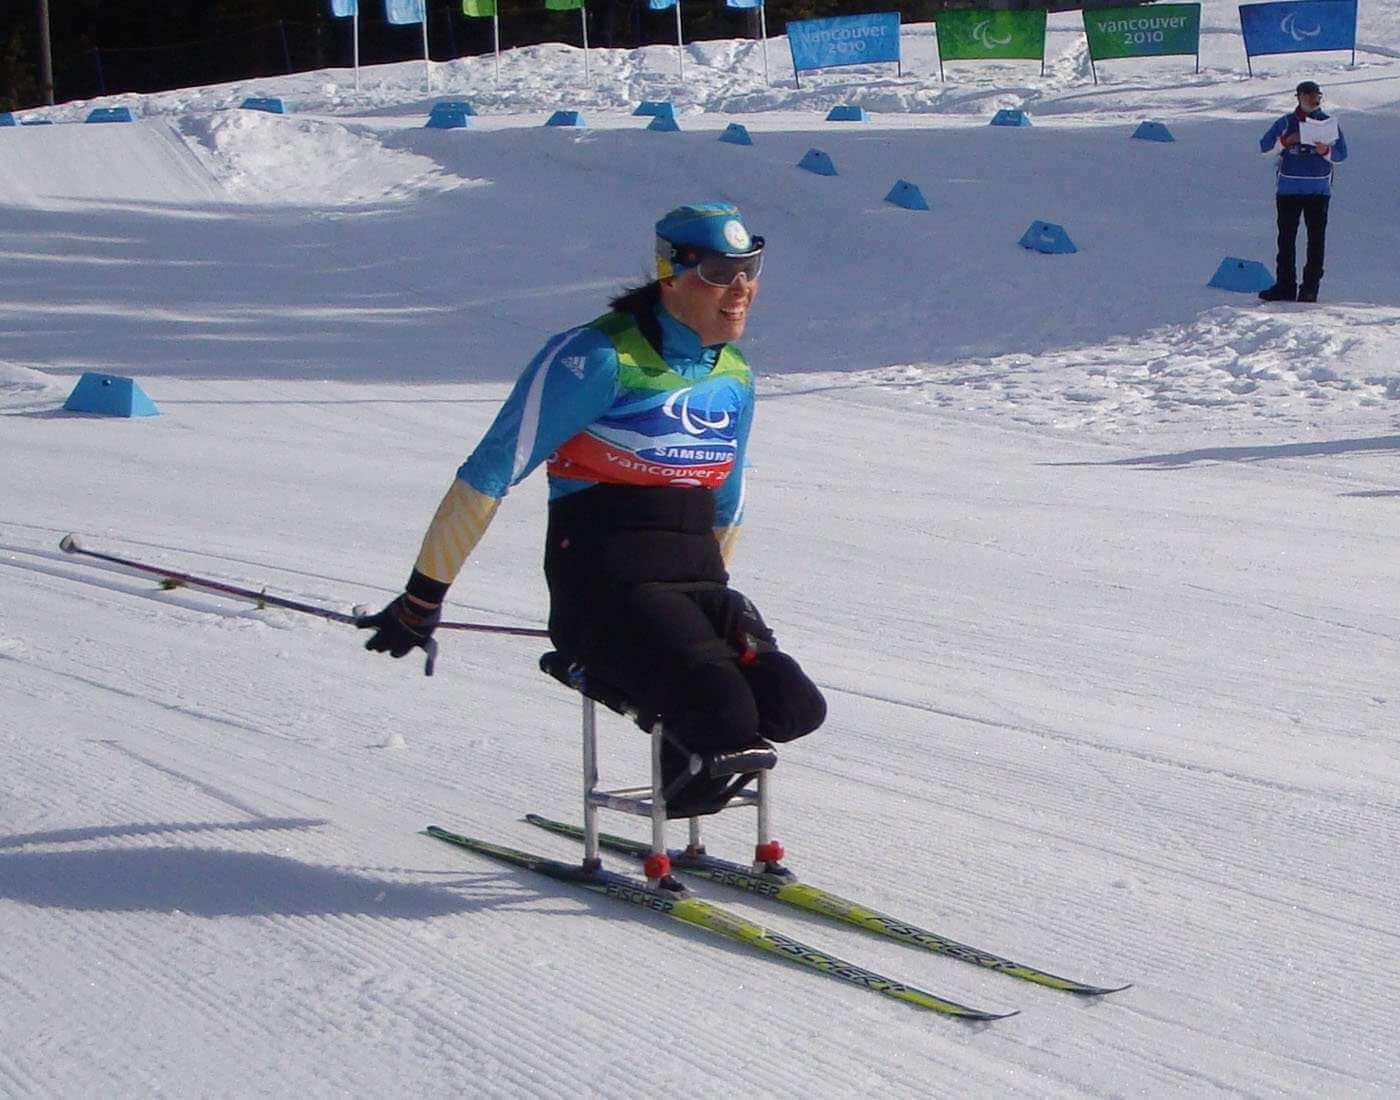 Para Cross-country Skiing